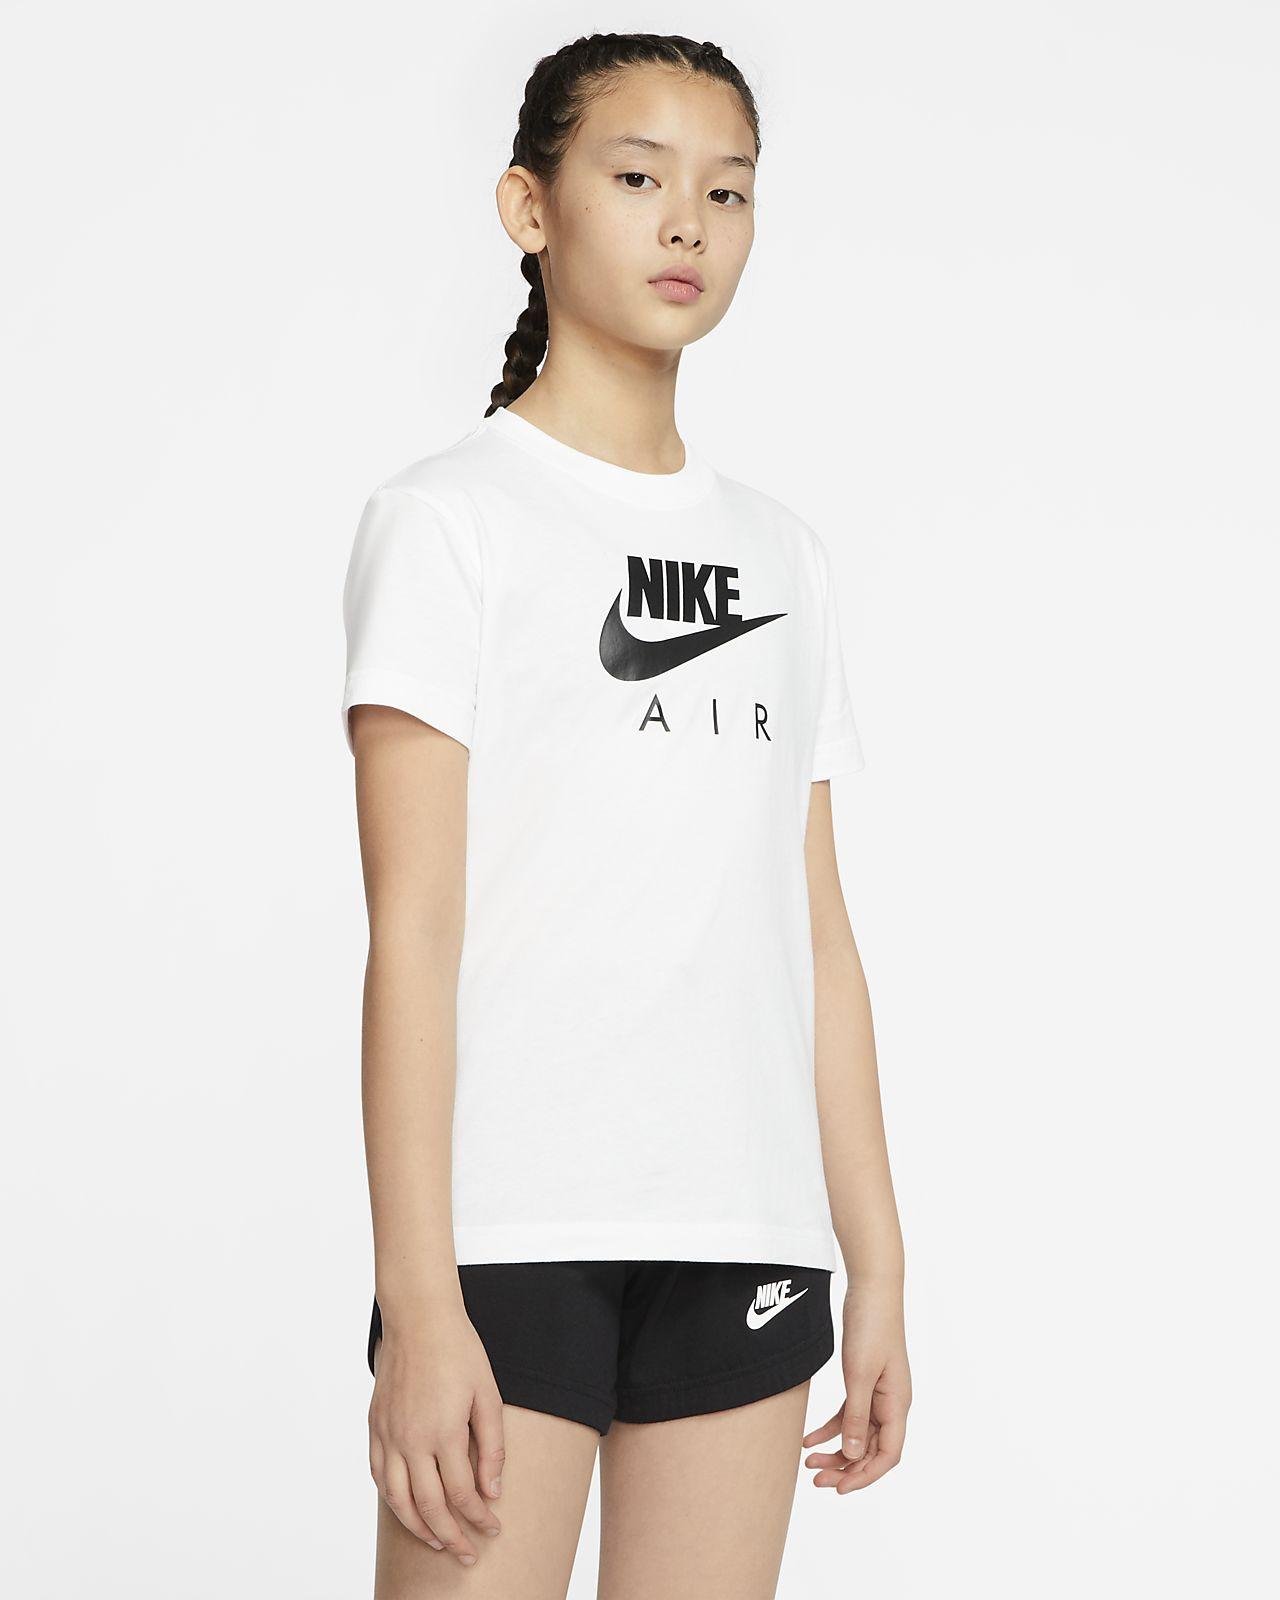 Nike Air Samarreta de cotó - Nen/a